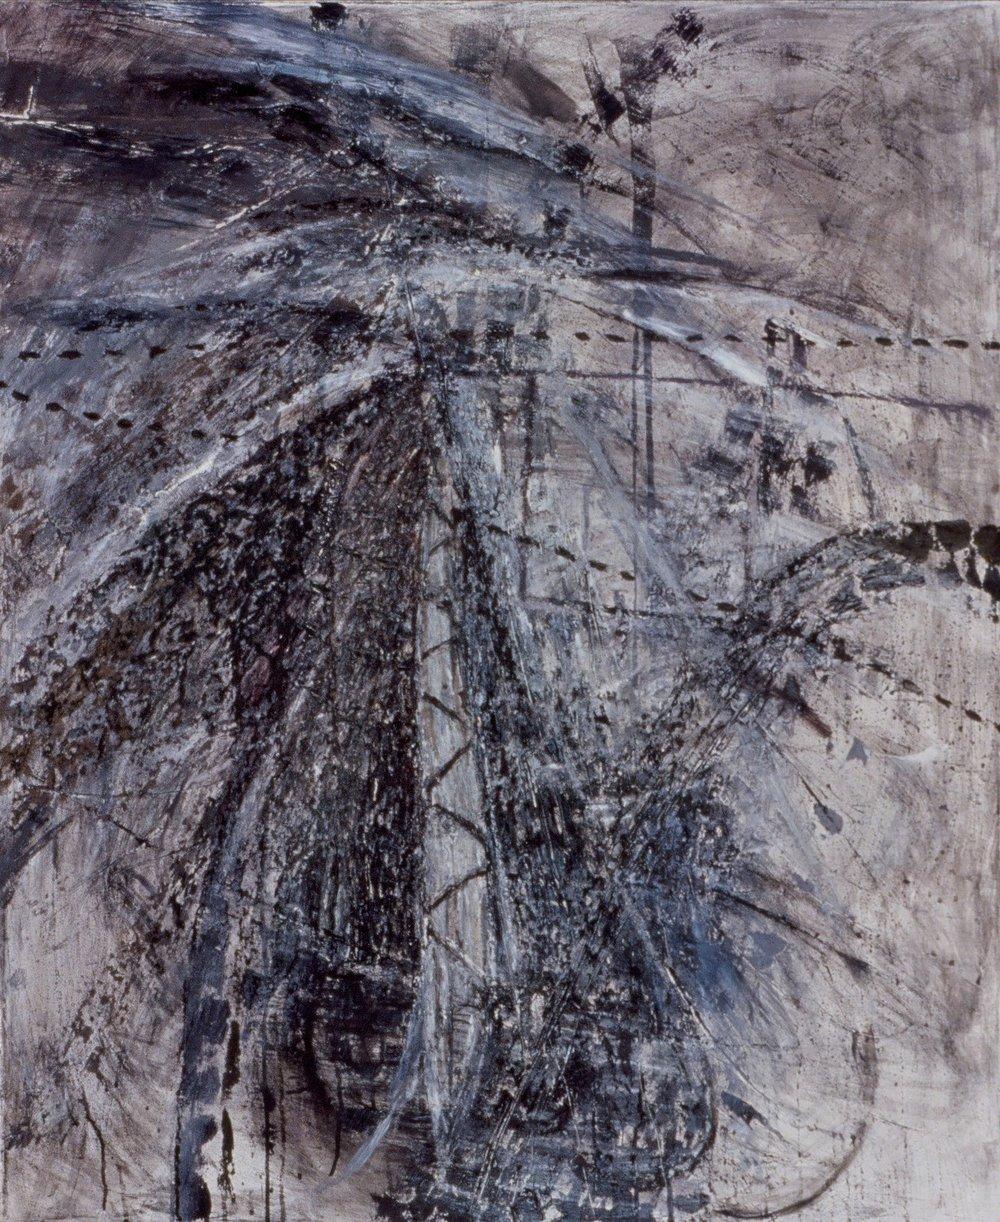 S, Sutro, Necessry Motion, oil 44x36, 1993.jpg